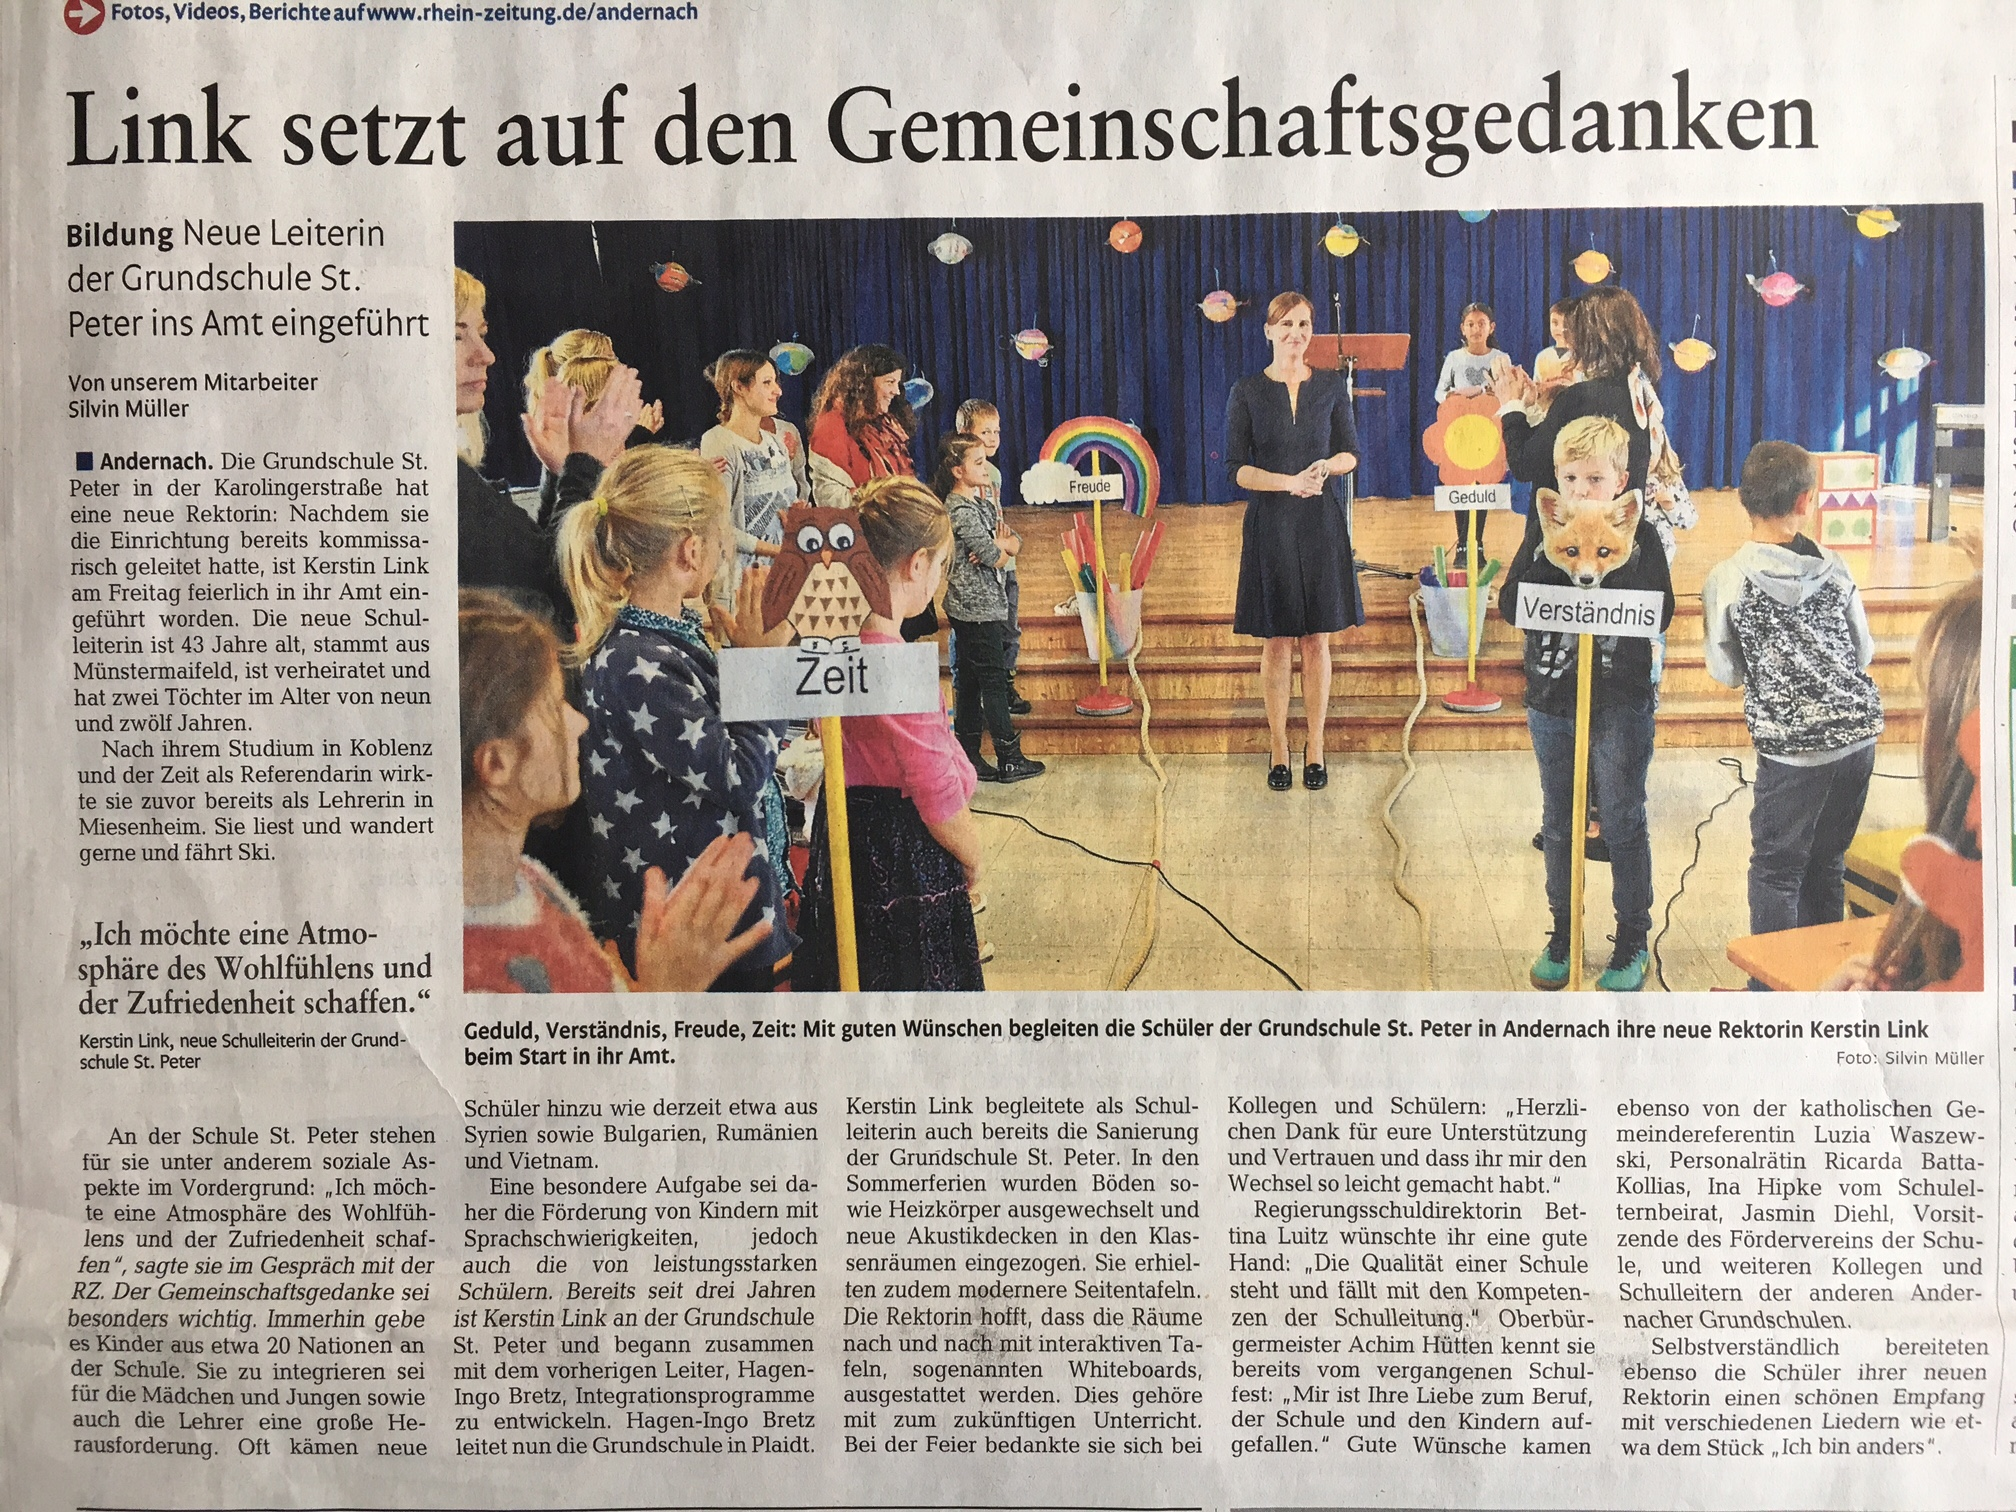 Quelle: Rhein-Zeitung